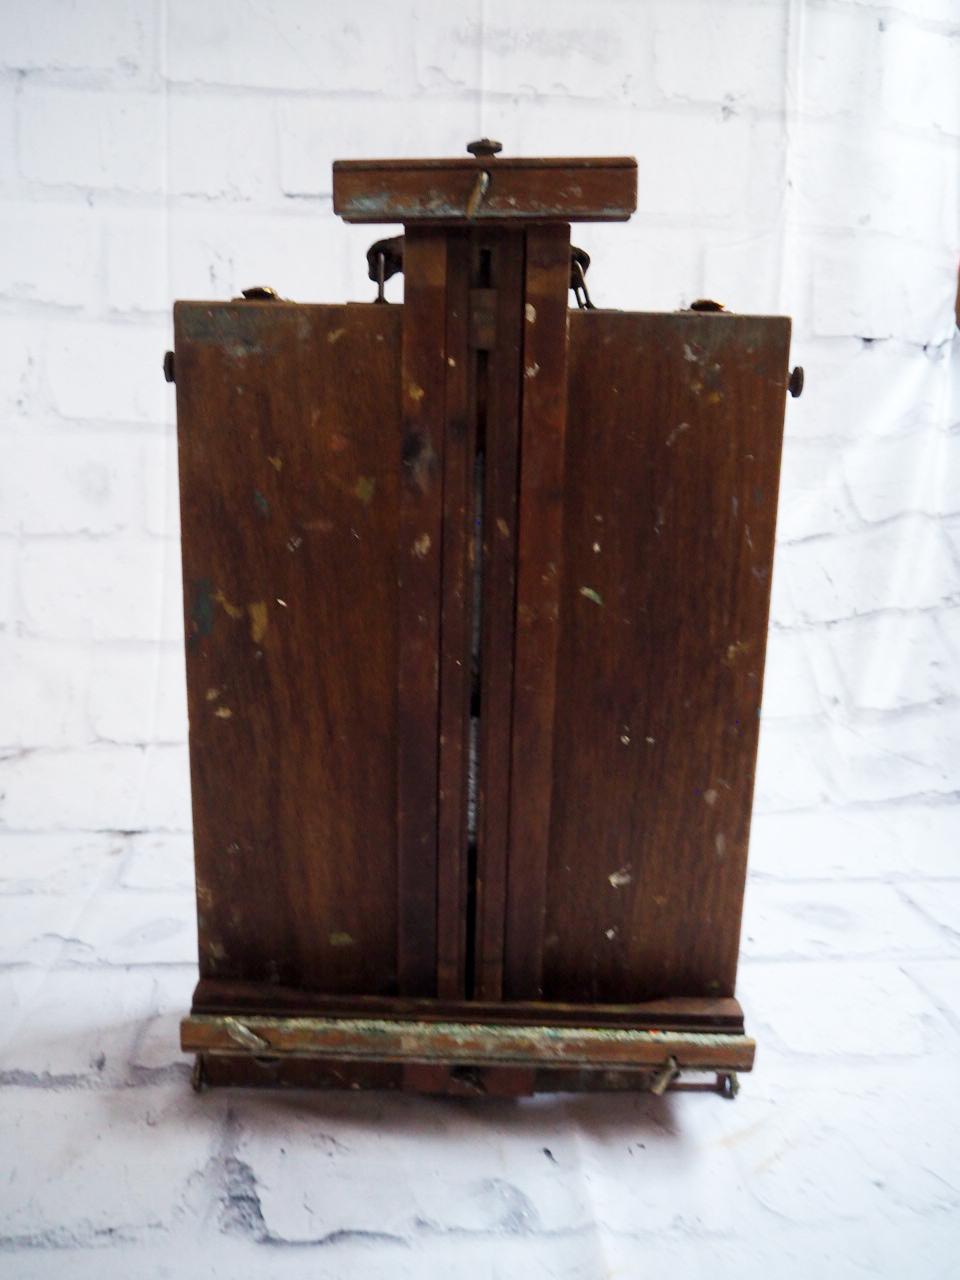 品番4835 アーティストスタンド GRUMBACHER スケッチ ボックス 道具箱 絵画用三脚 木製 イーゼル アメリカン アンティーク